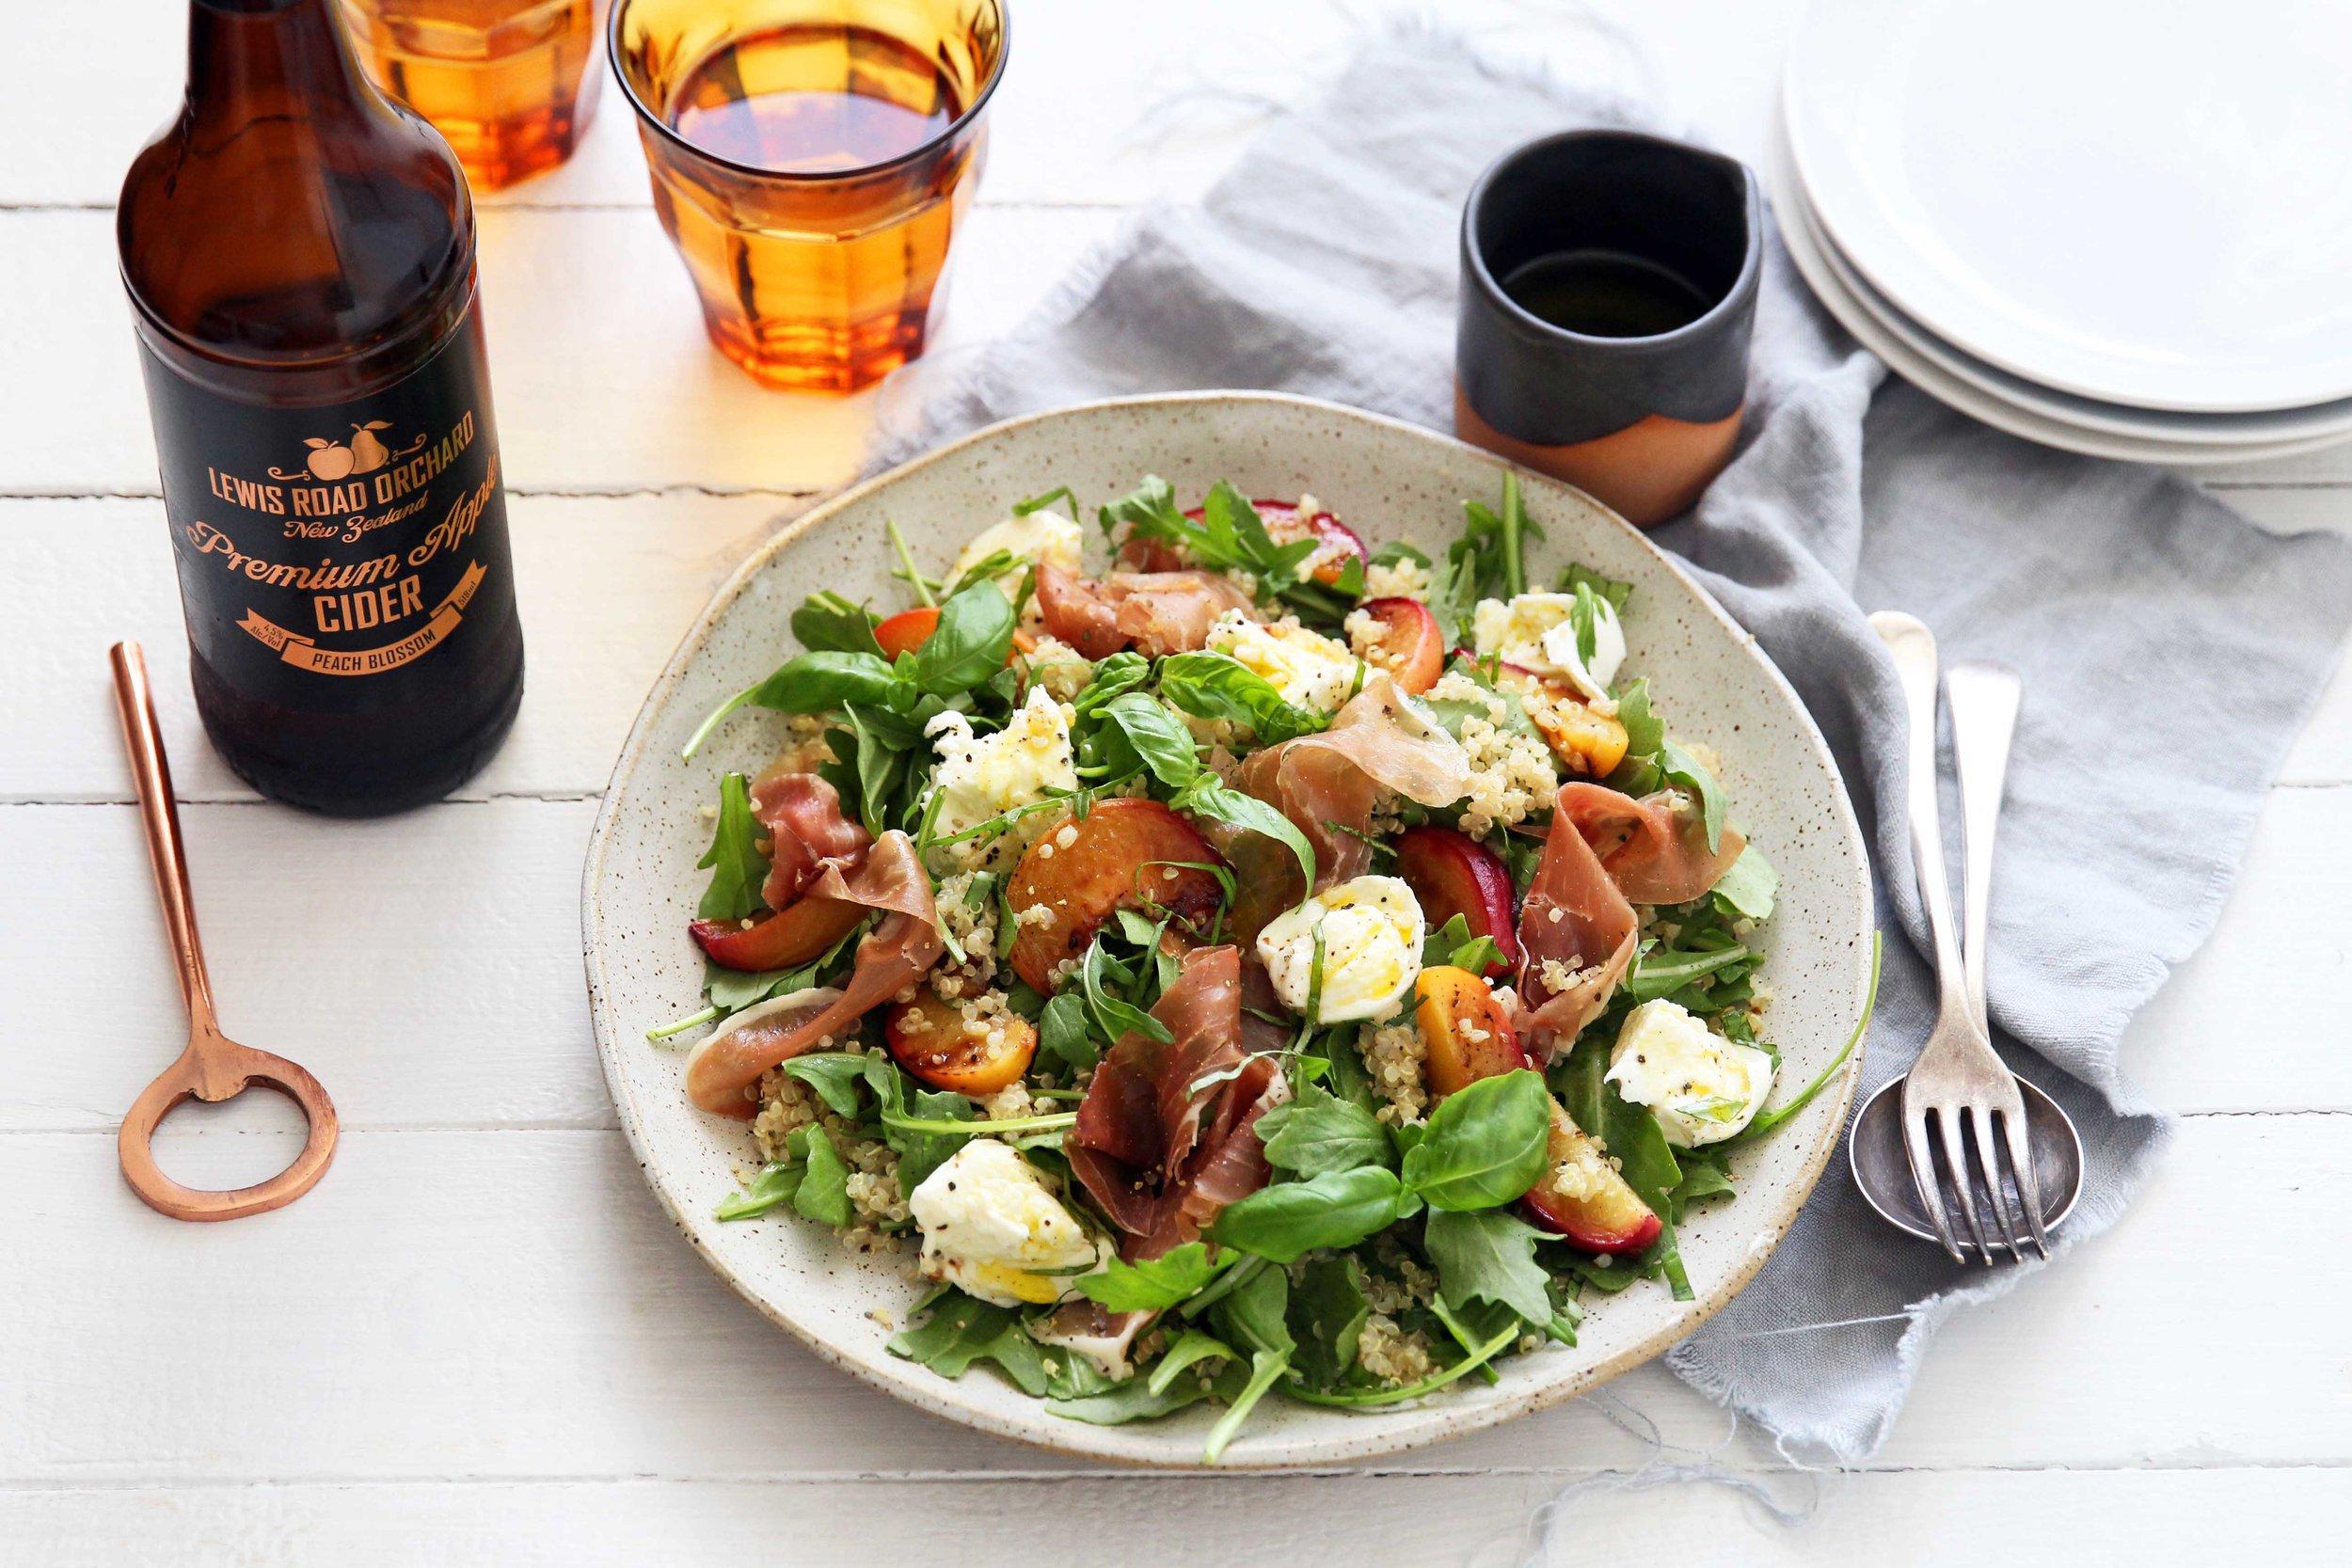 BLOG_ Lewis Road Cider_Roasted peach mozzarella salad4.jpg